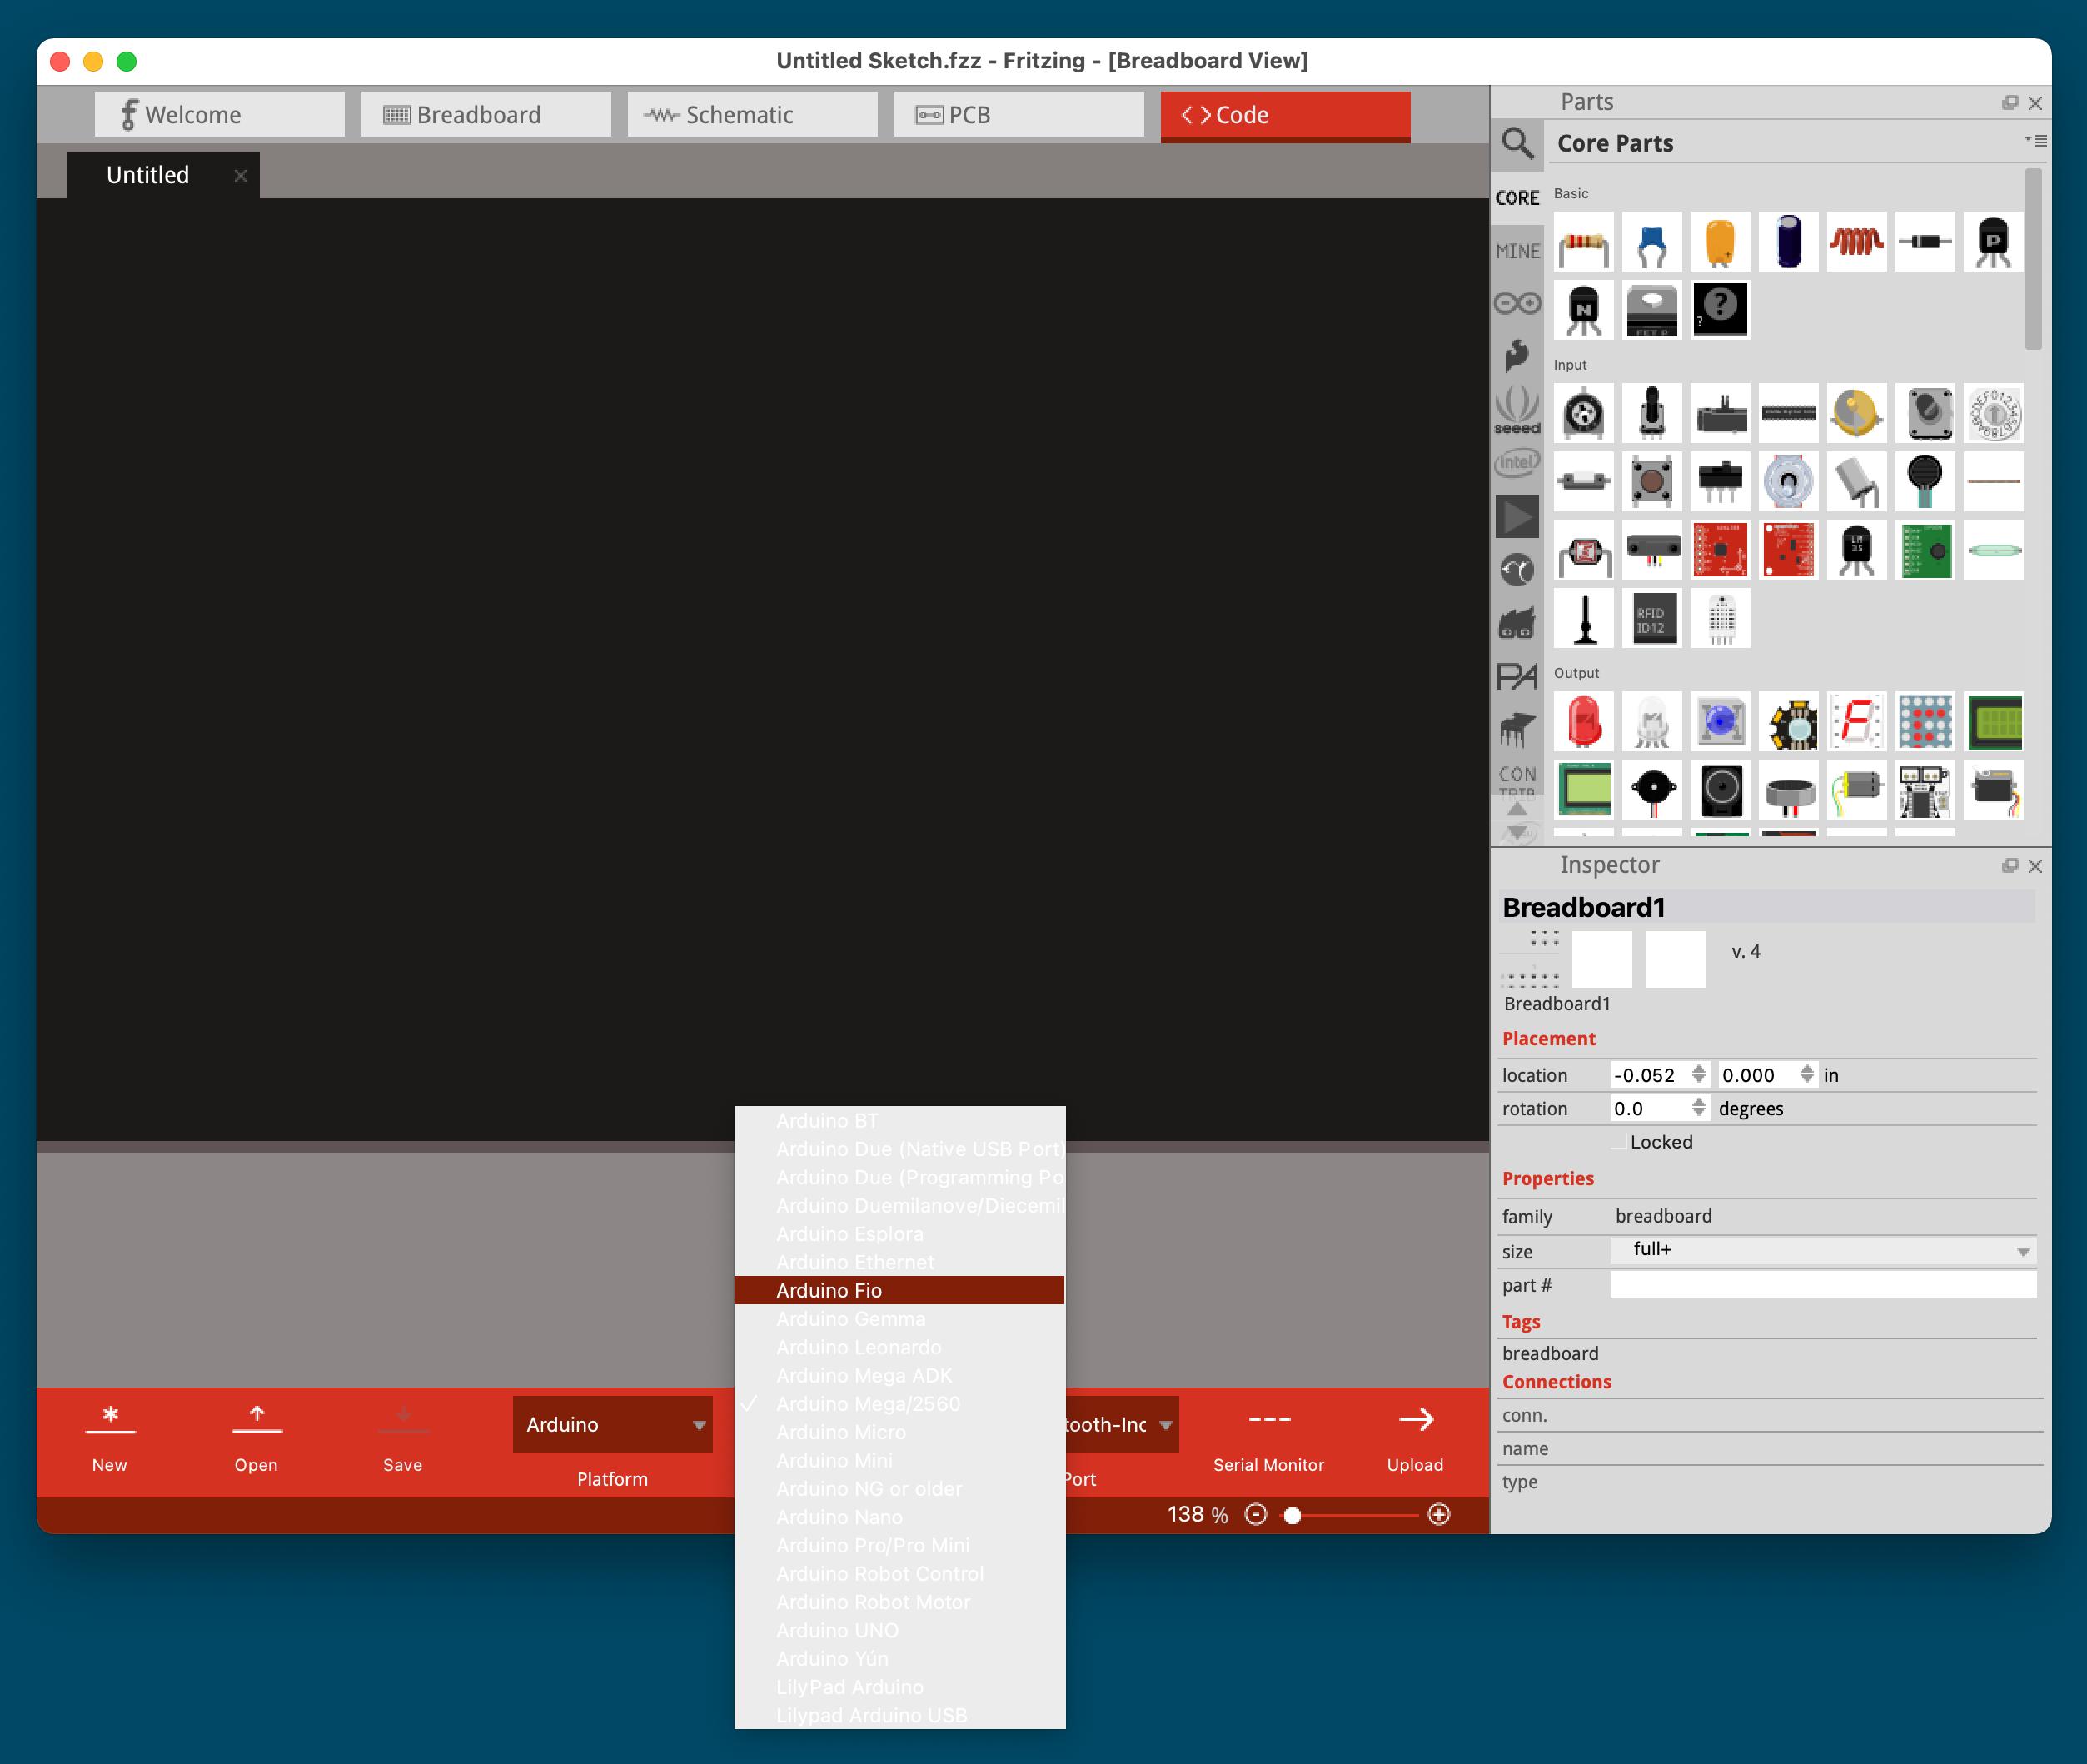 Screenshot 2021-05-29 at 12 51 19